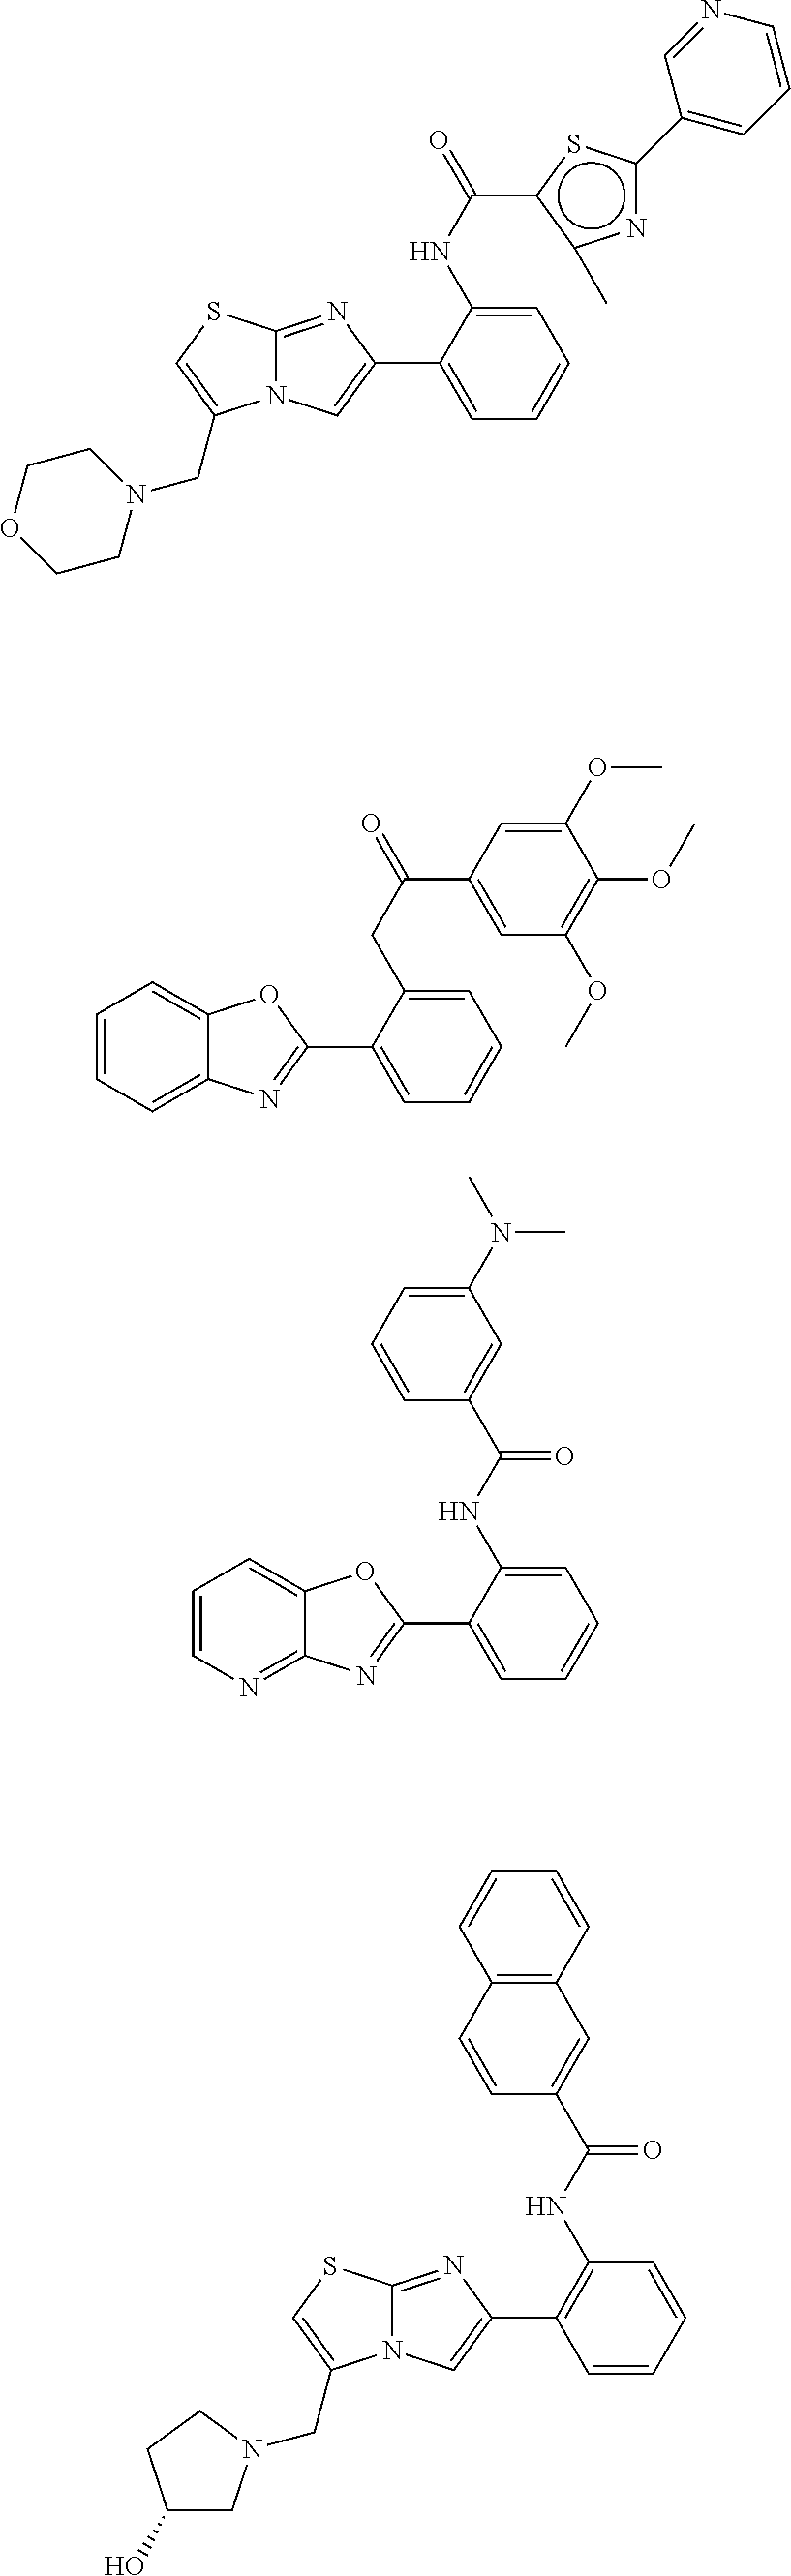 Figure US20130017283A1-20130117-C00006